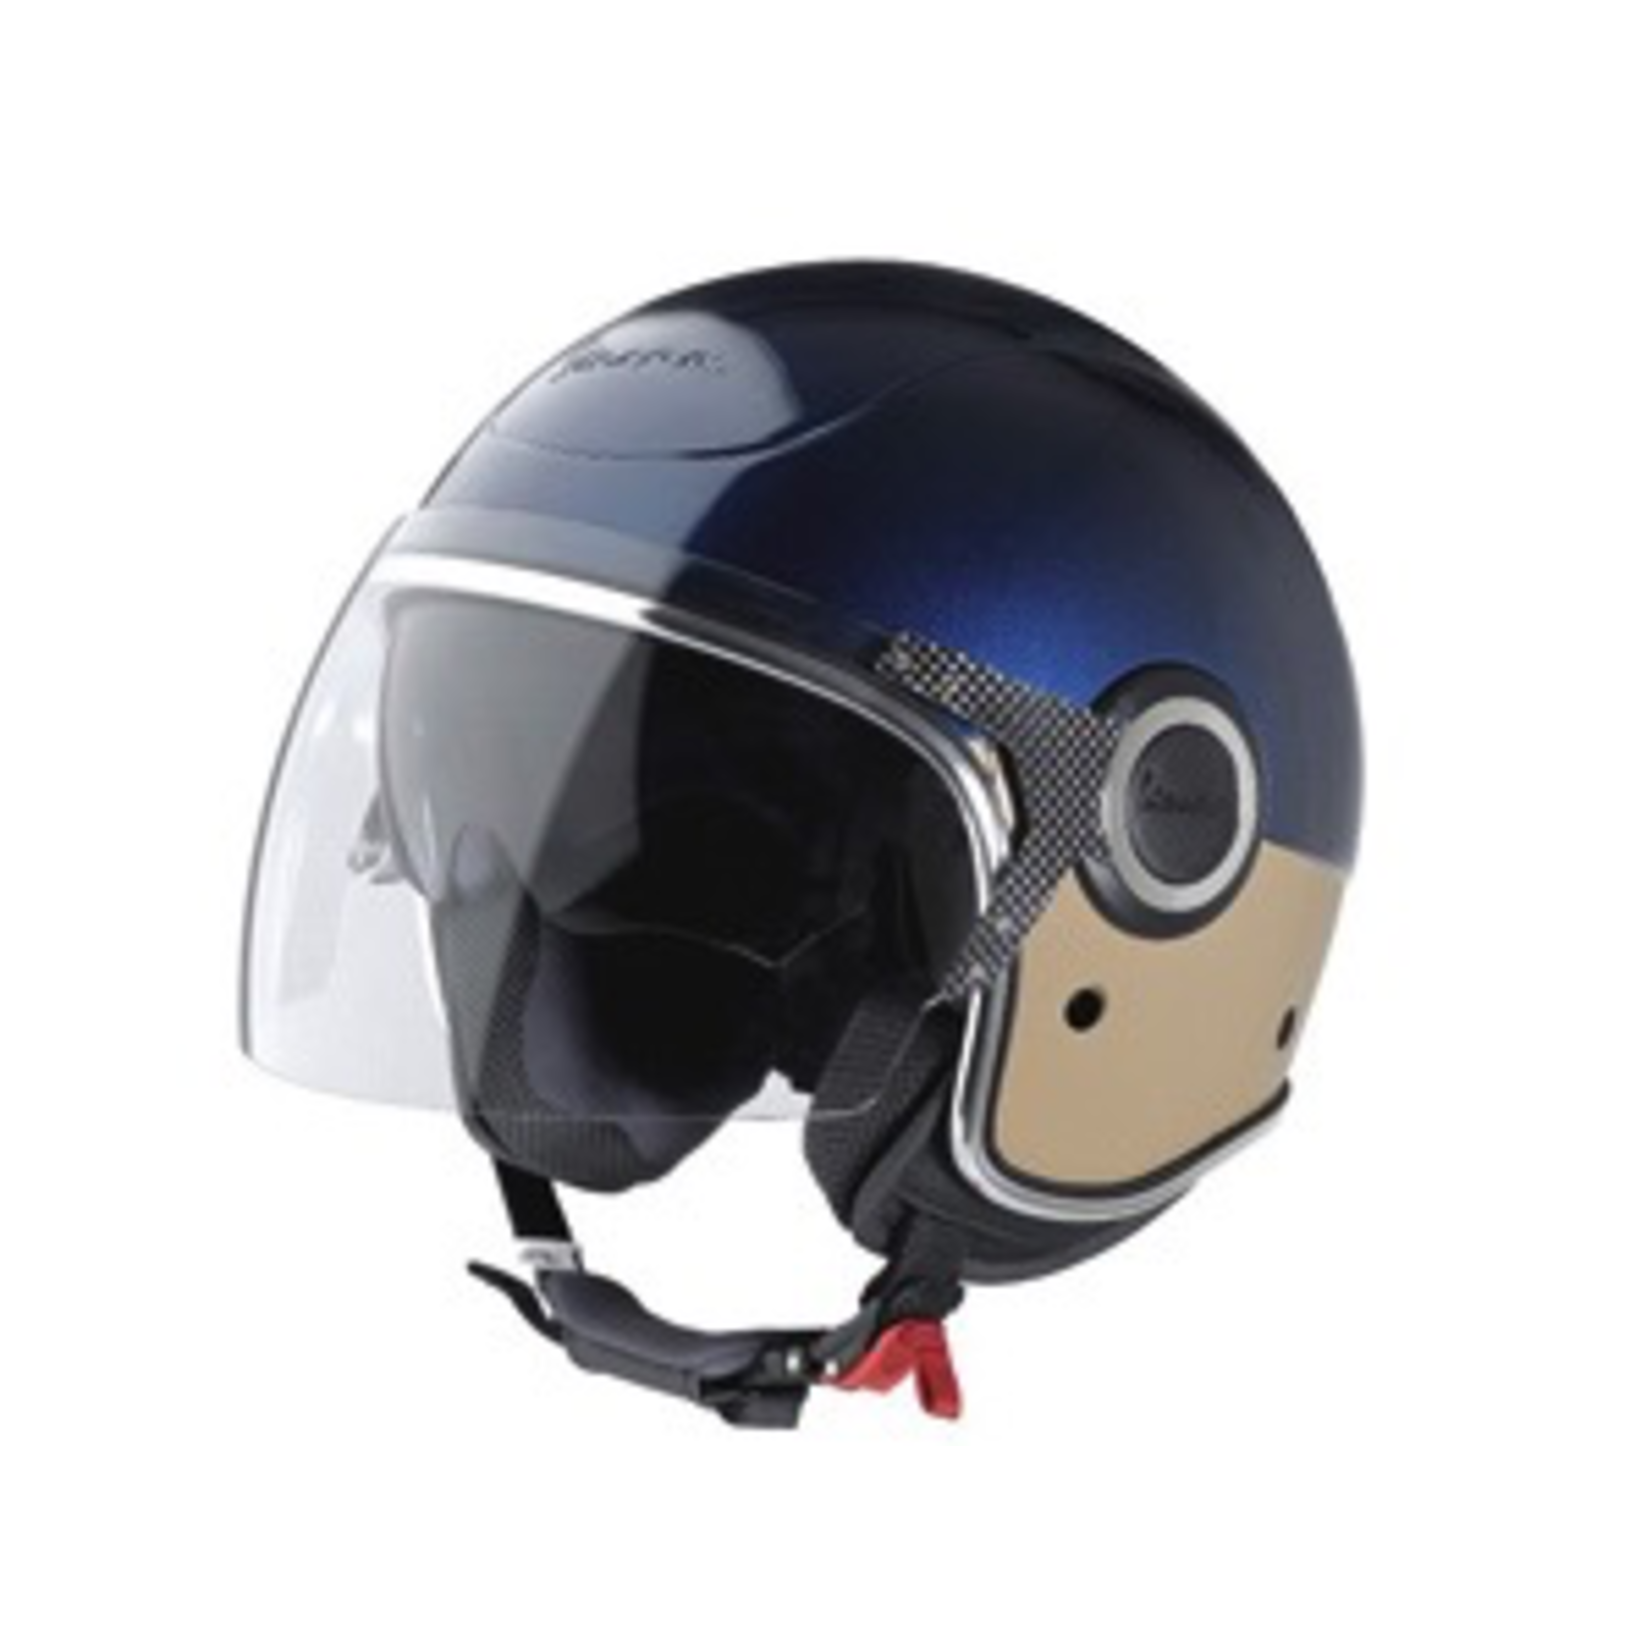 Apparel Helmet, Vespa VJ Midnight Blue/Beige